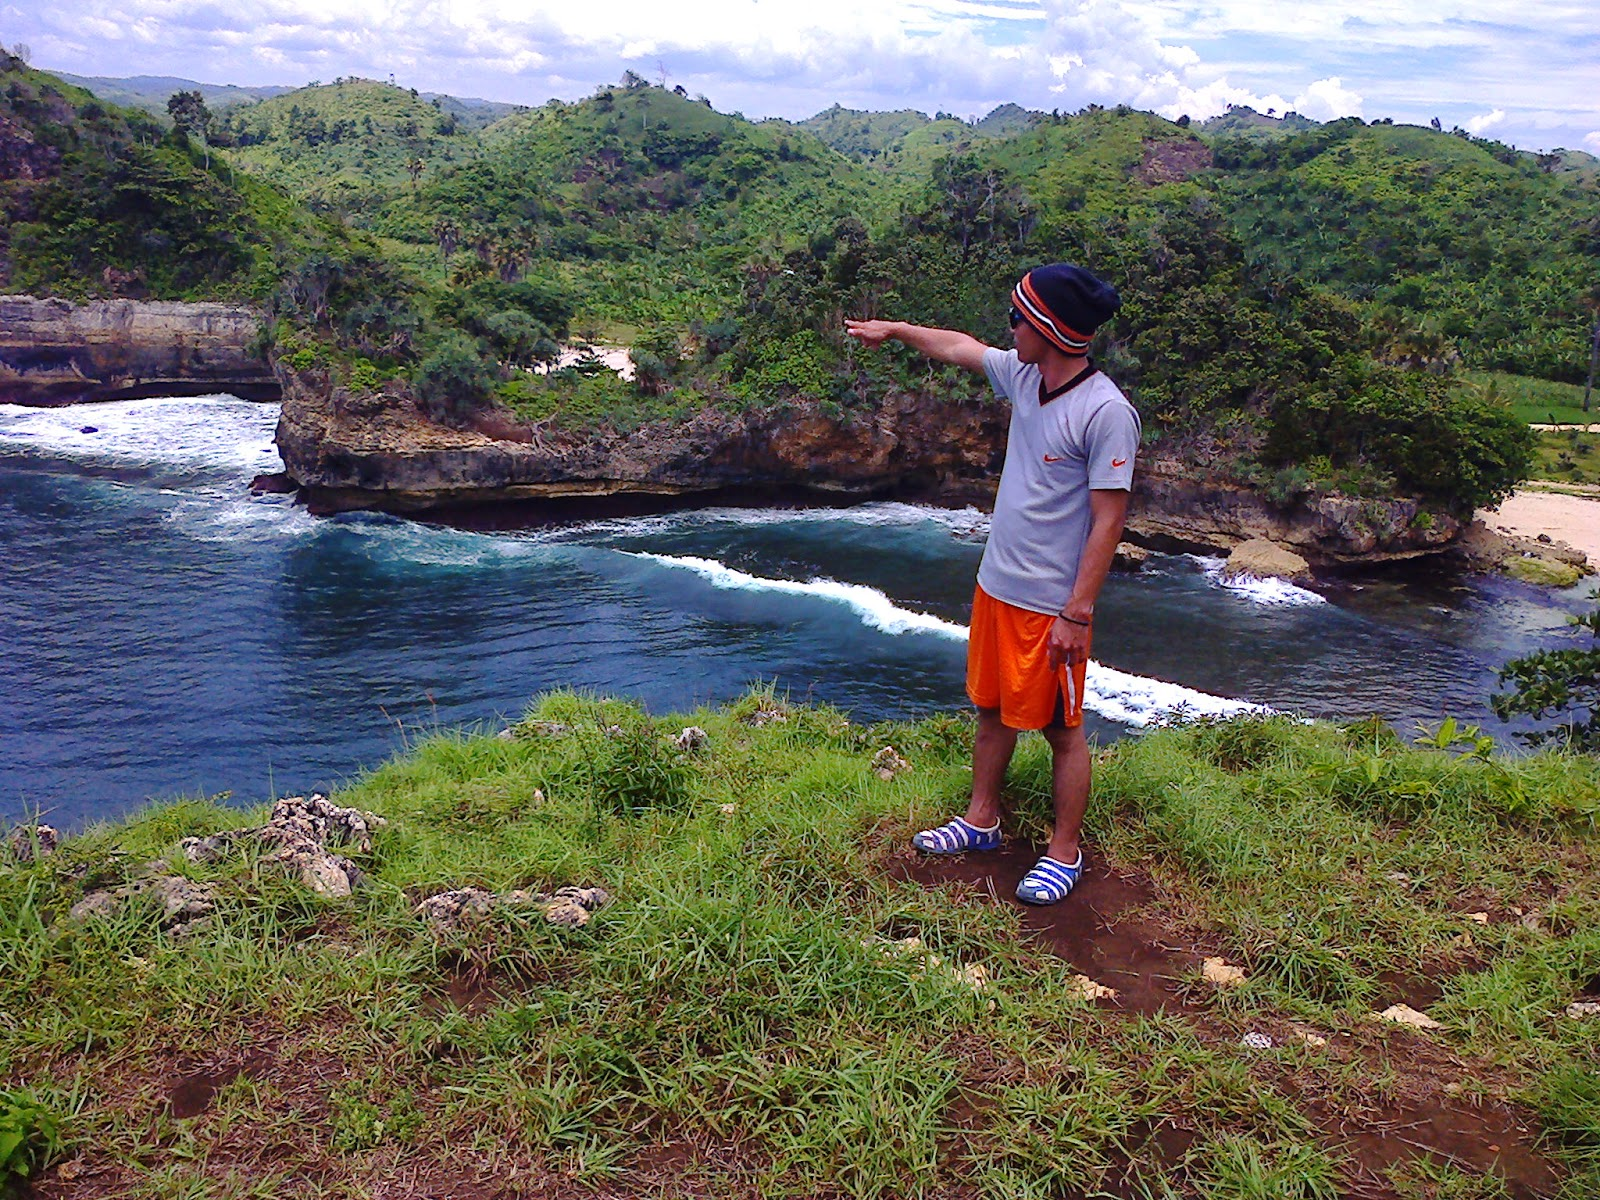 Langkah Awal Menuju Kesuksesan Pantai Batu Bengkung Malang Selatan